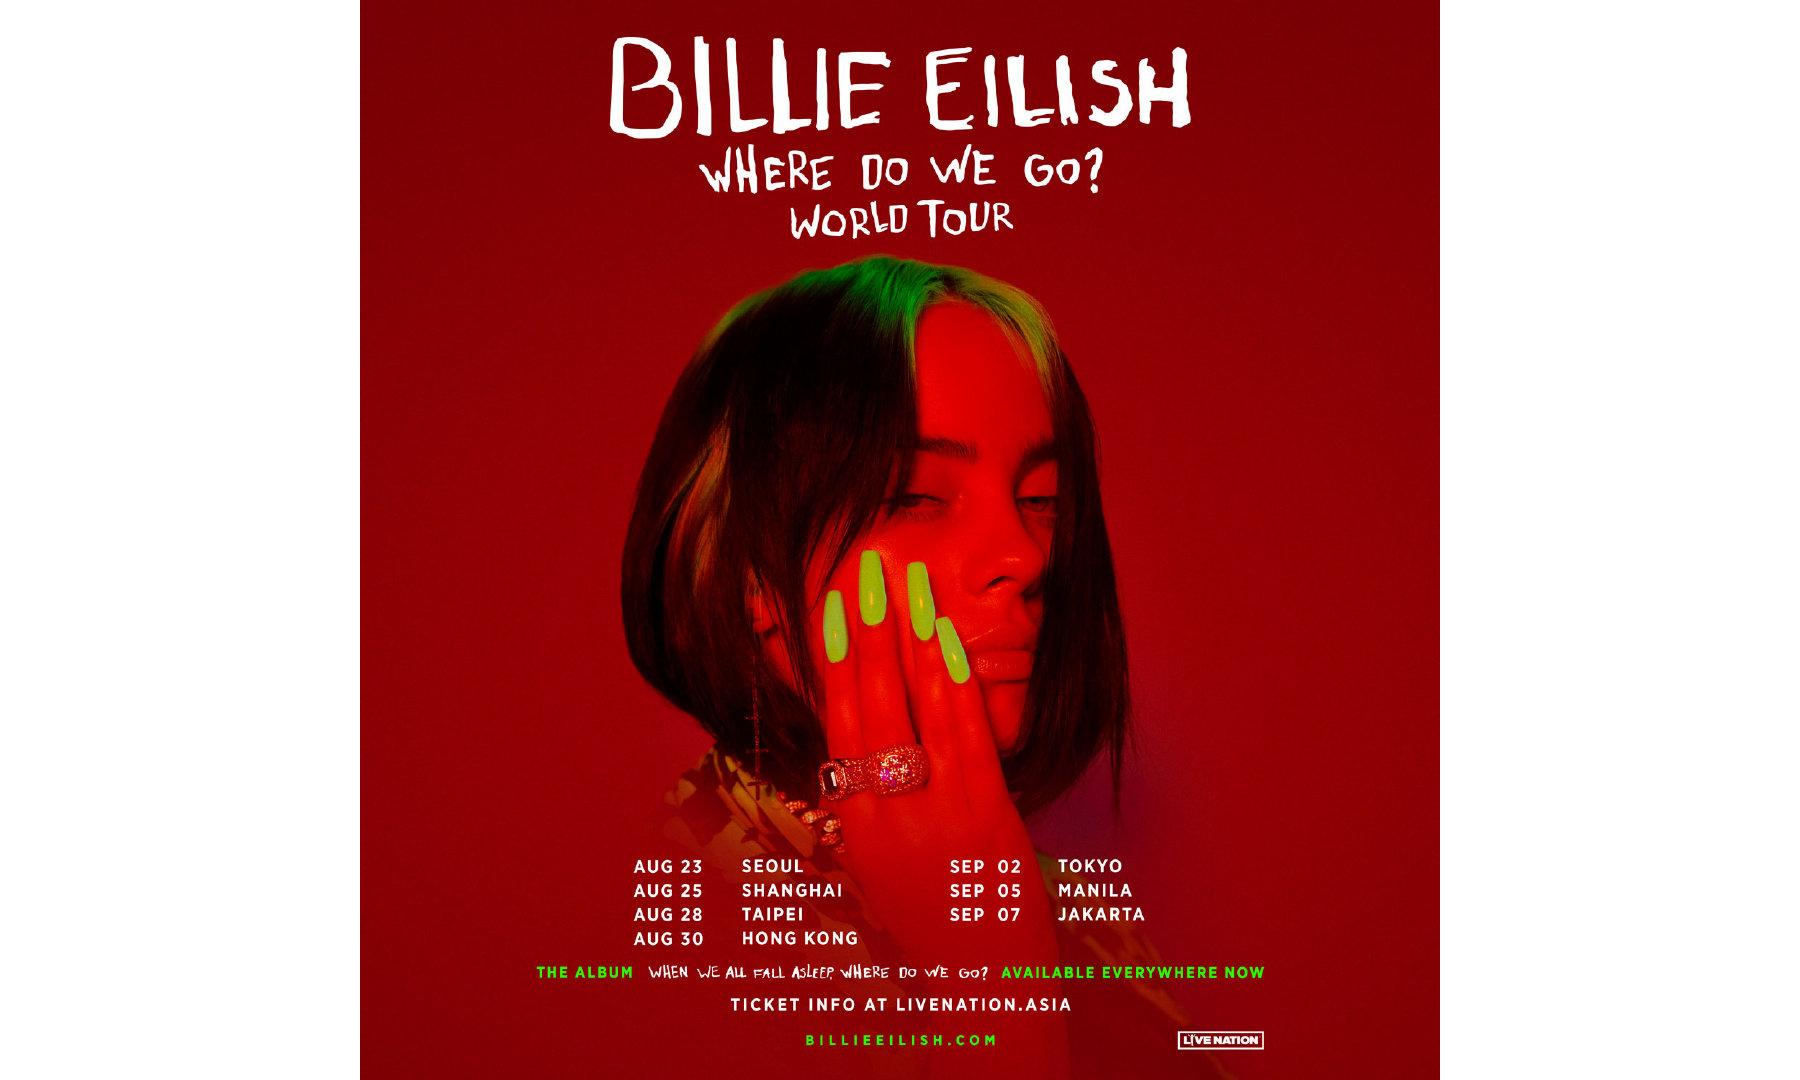 上海在列,Billie Eilish 将展开亚洲巡演